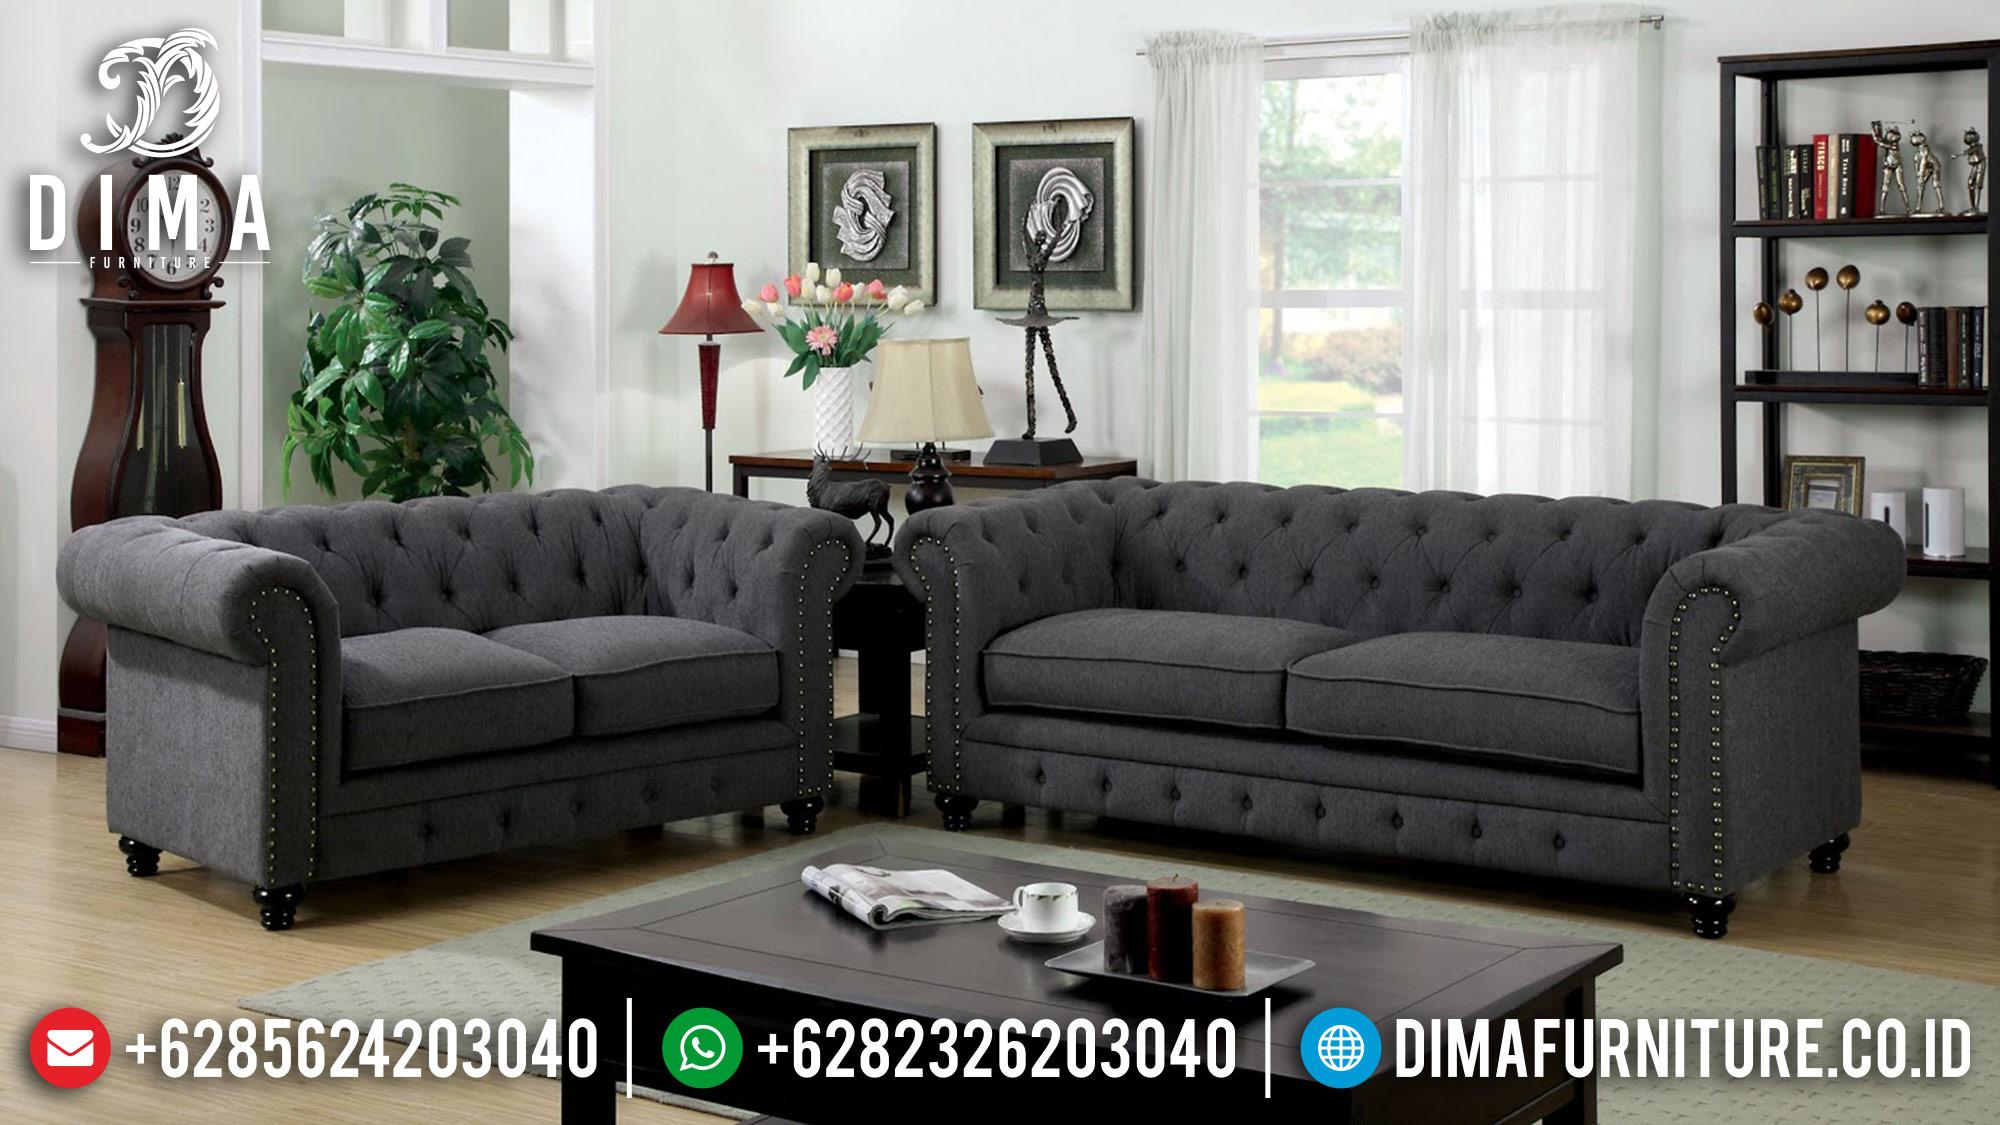 Sofa Tamu Mewah Terbaru, Kursi Tamu Mewah Jepara, Sofa Terbaru Minimalis DF-0478 Gambar 2